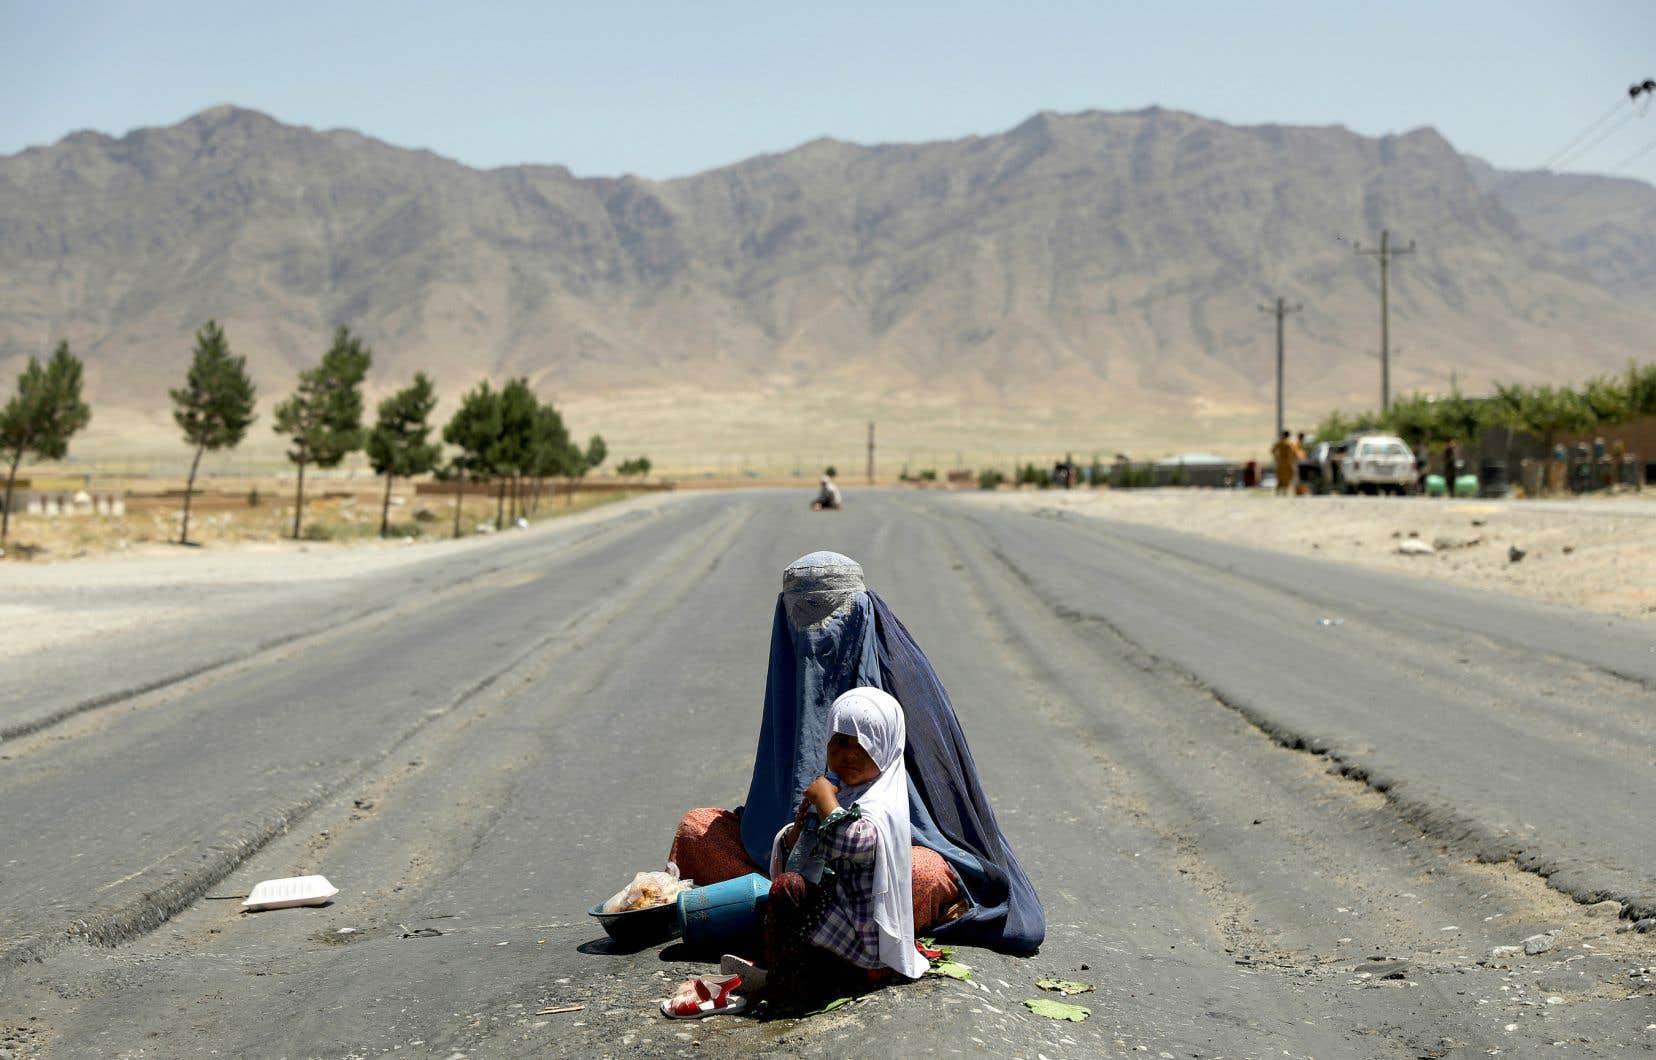 Les habitants de Bagram s'attendent à ce que la situation sécuritaire se dégrade après le départ des troupes étrangères. L'économie et la sécurité du secteur reposait en bonne partie sur l'activité de la base militaire.